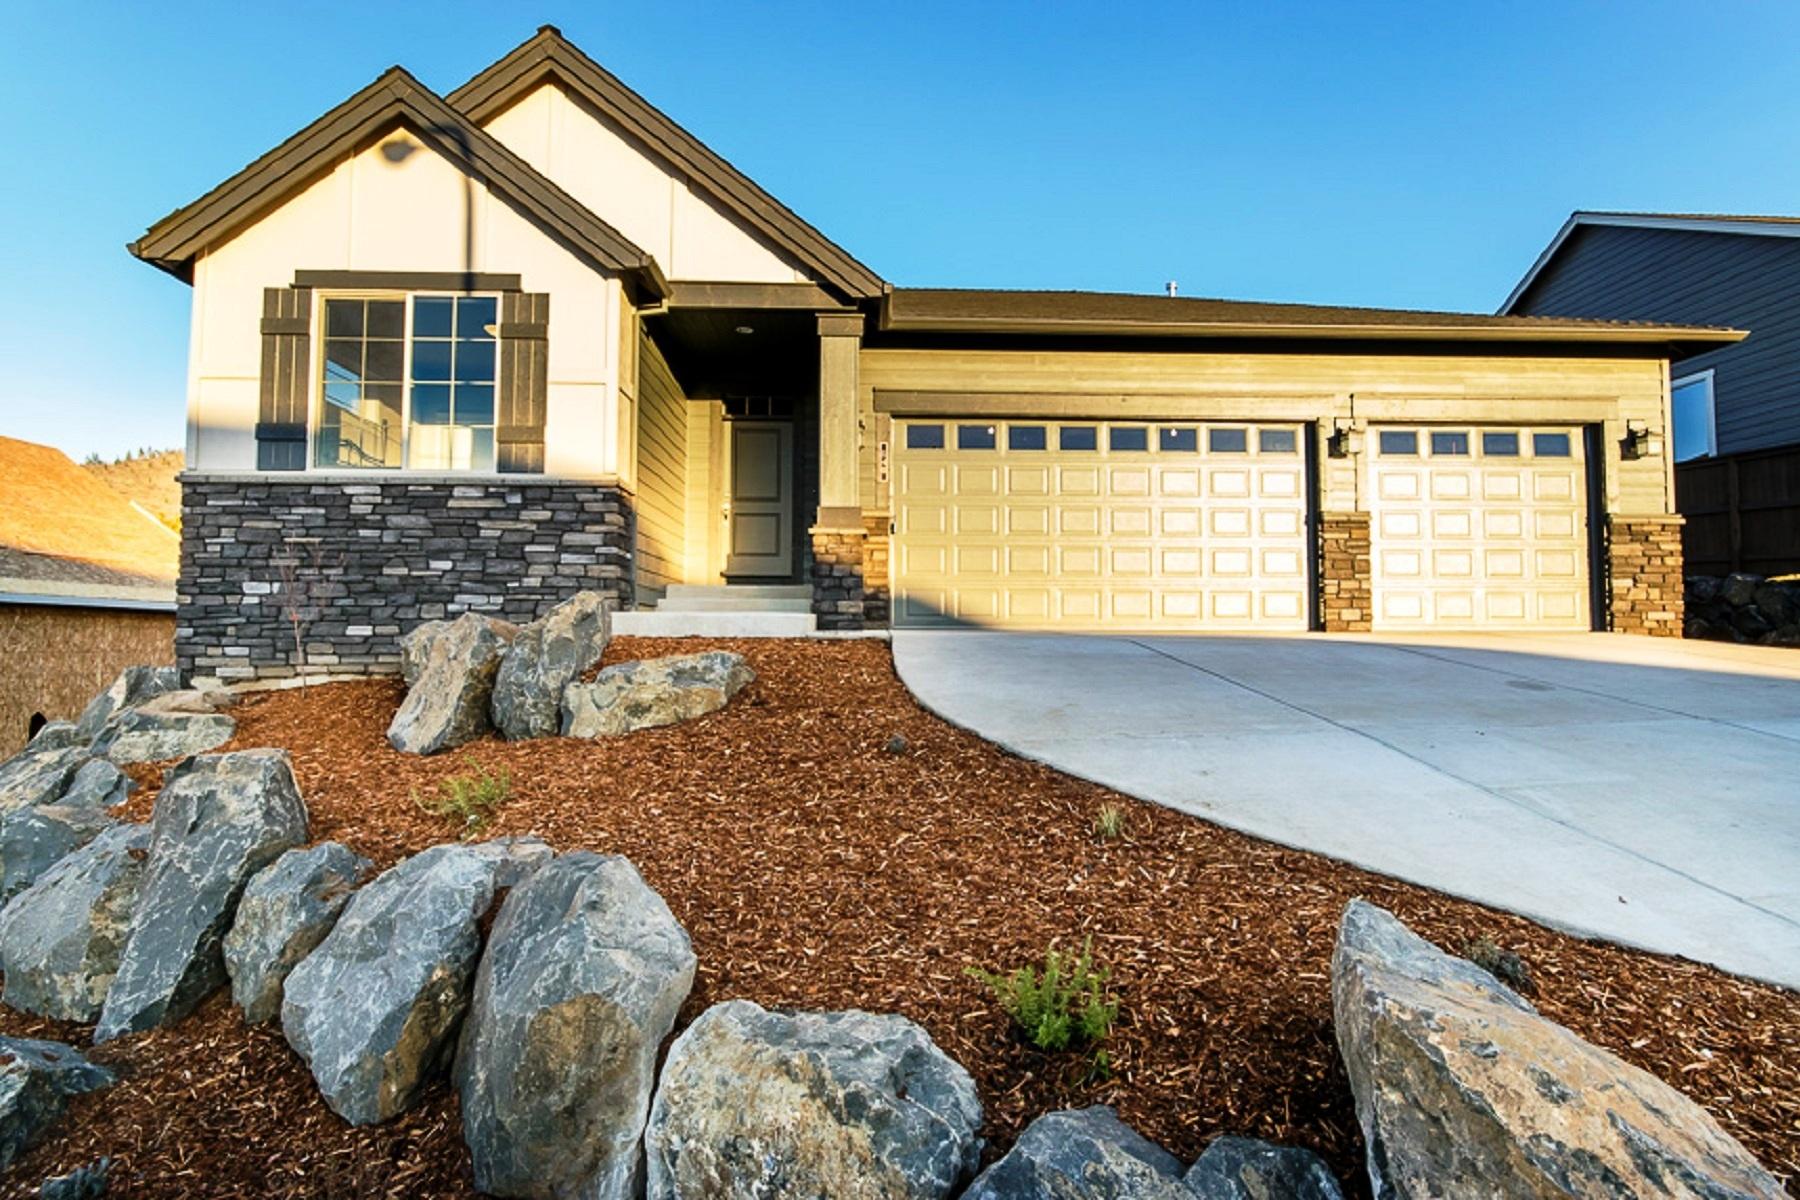 Casa Unifamiliar por un Venta en Pahlisch Built Home in Ochoco Pointe 855 NE Hudspeth Cir Lot 146 Prineville, Oregon, 97754 Estados Unidos